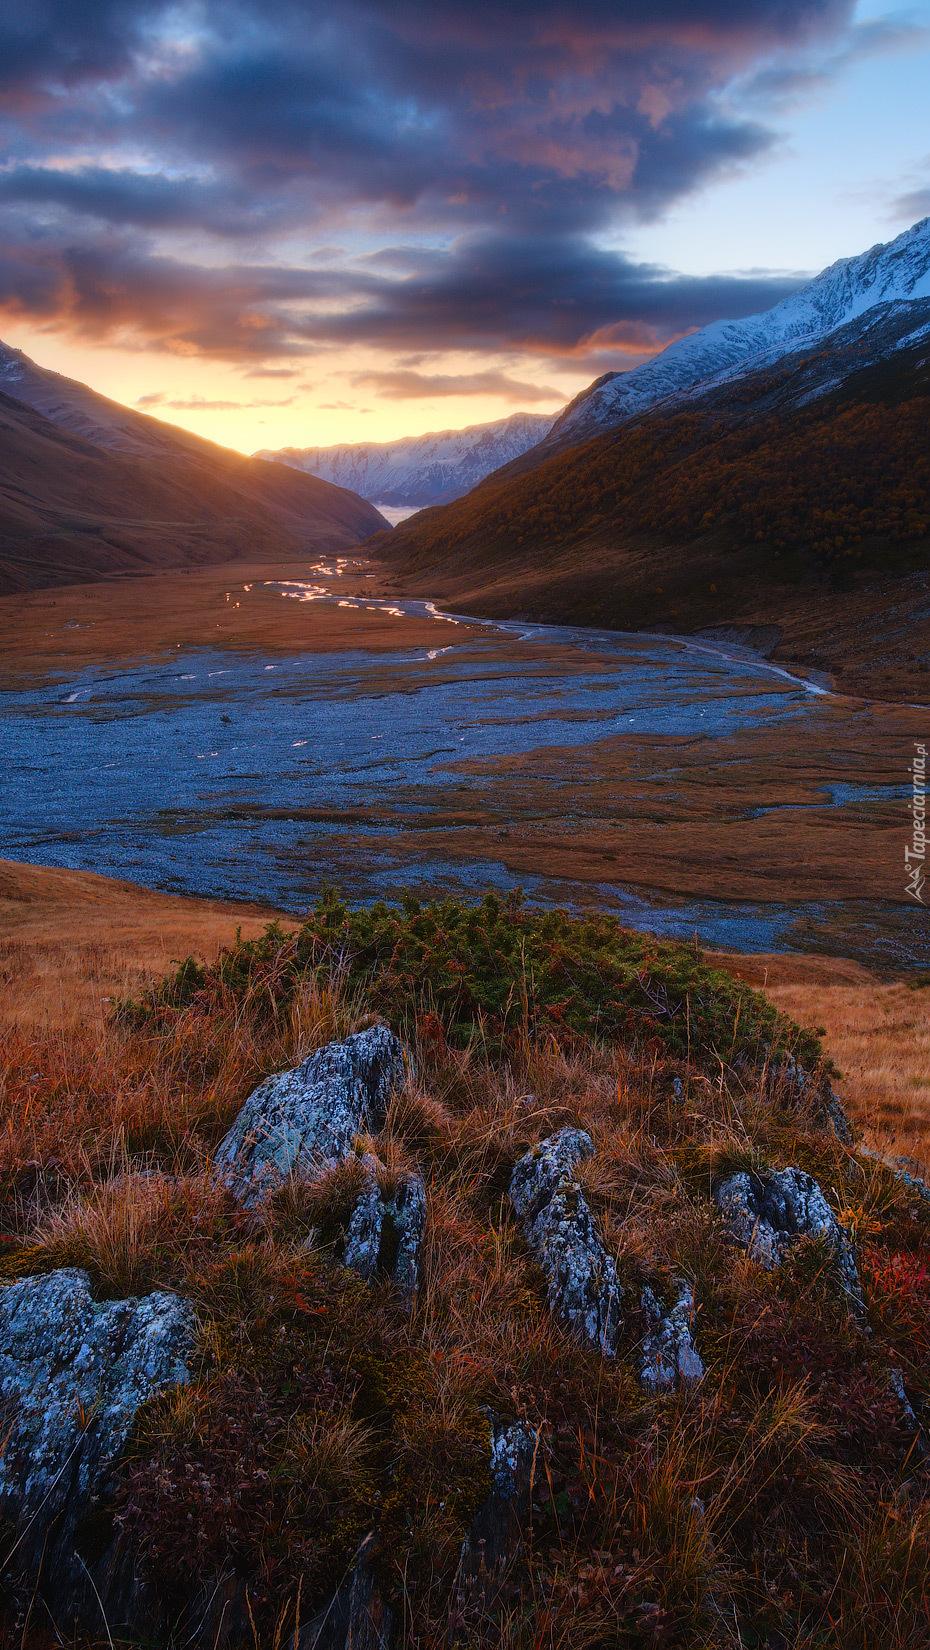 Rzeka Urukh w górach Kaukazu